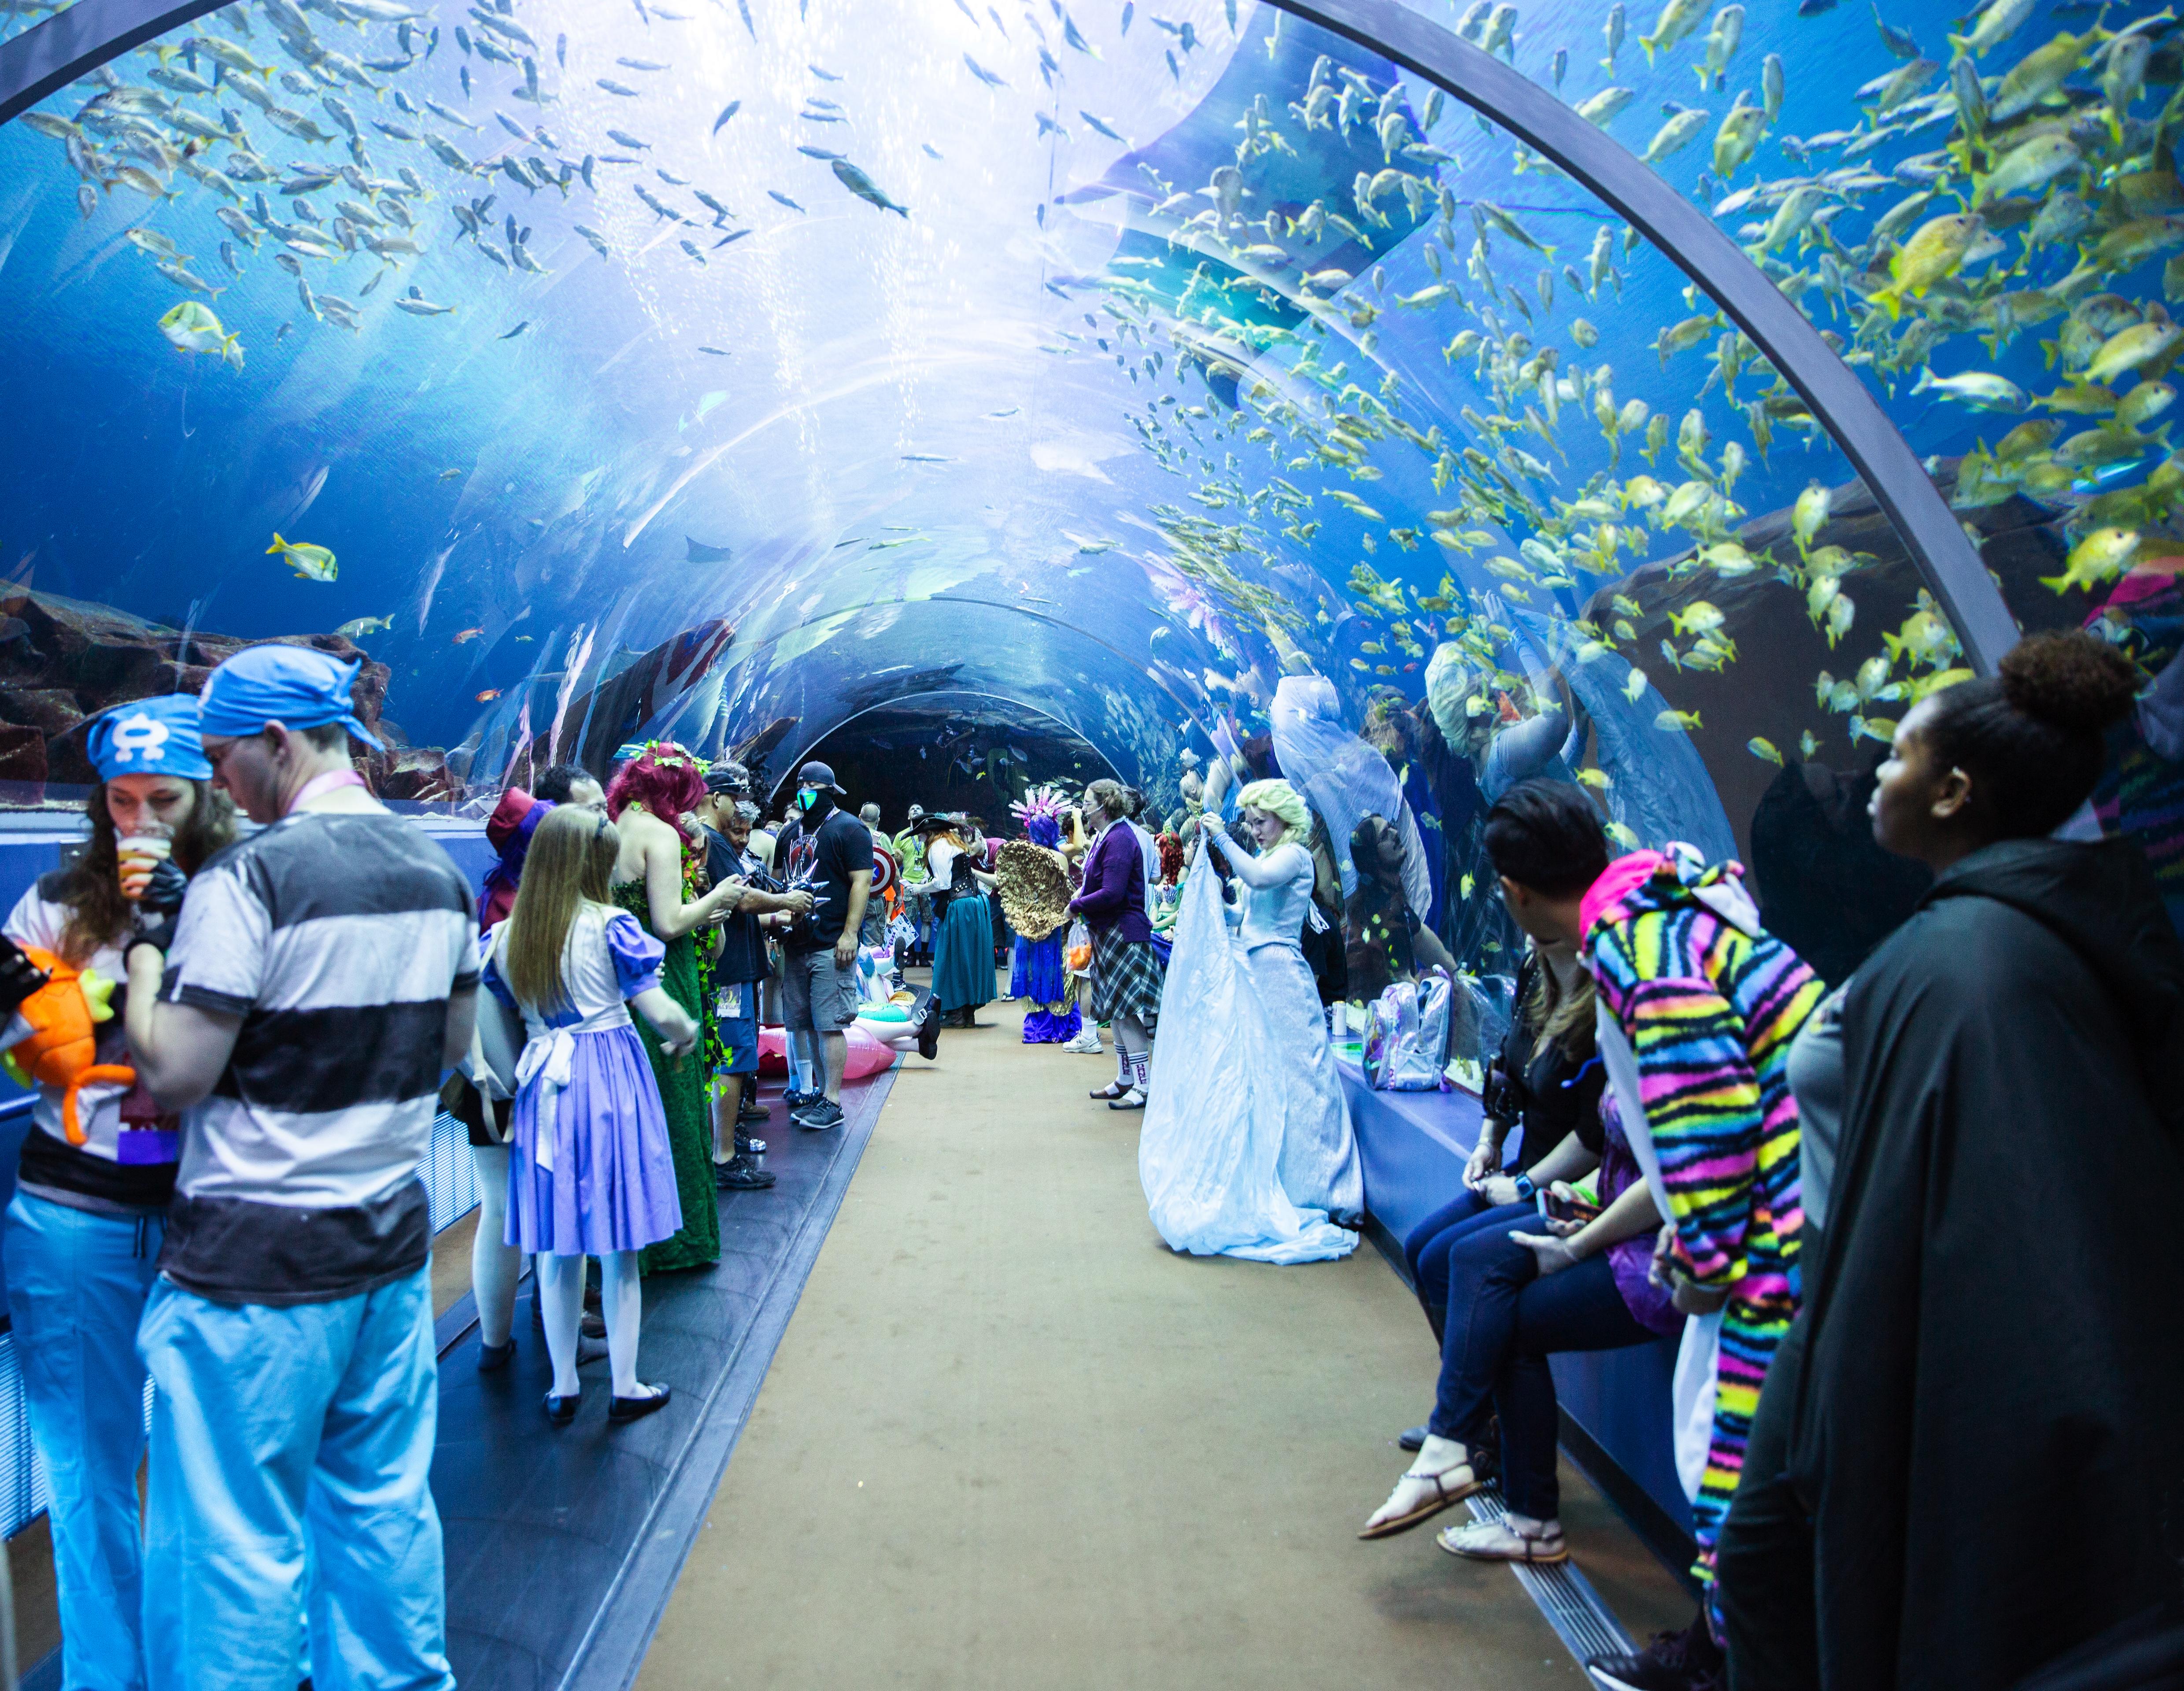 Dragon Con Night at Georgia Aquarium